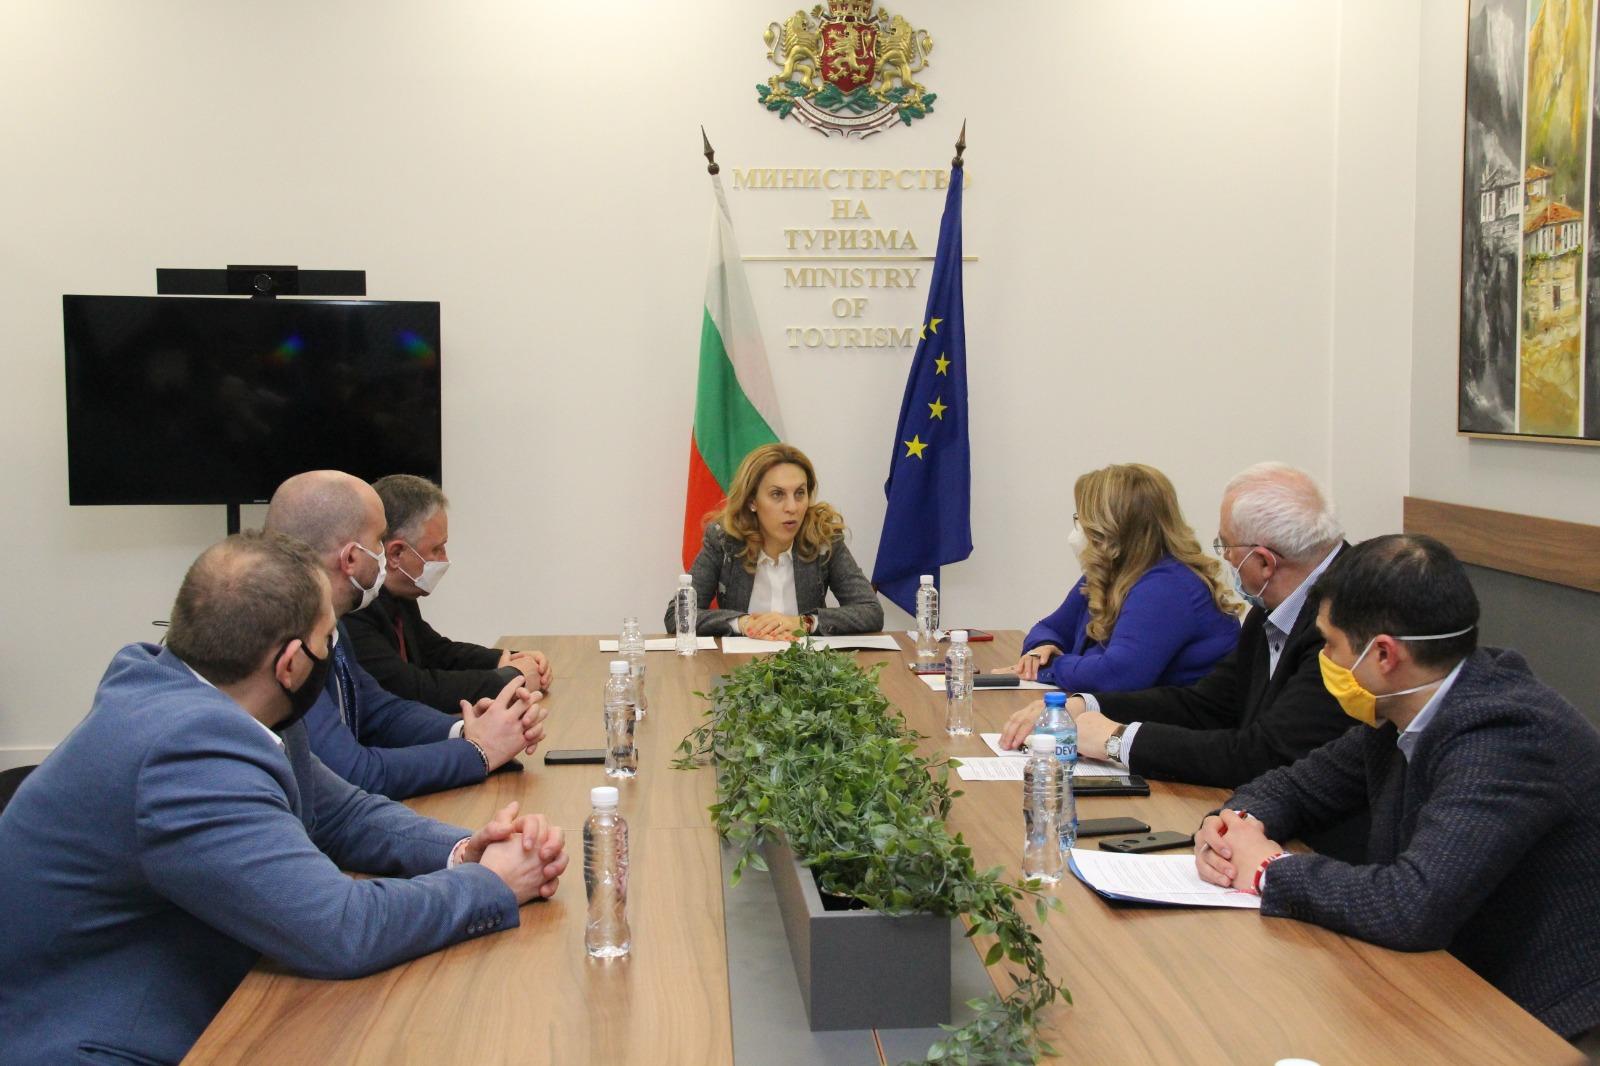 Вицепремиерът Марияна Николова проведе работна среща с представители на туристическия бизнес и Министерството на външните работи